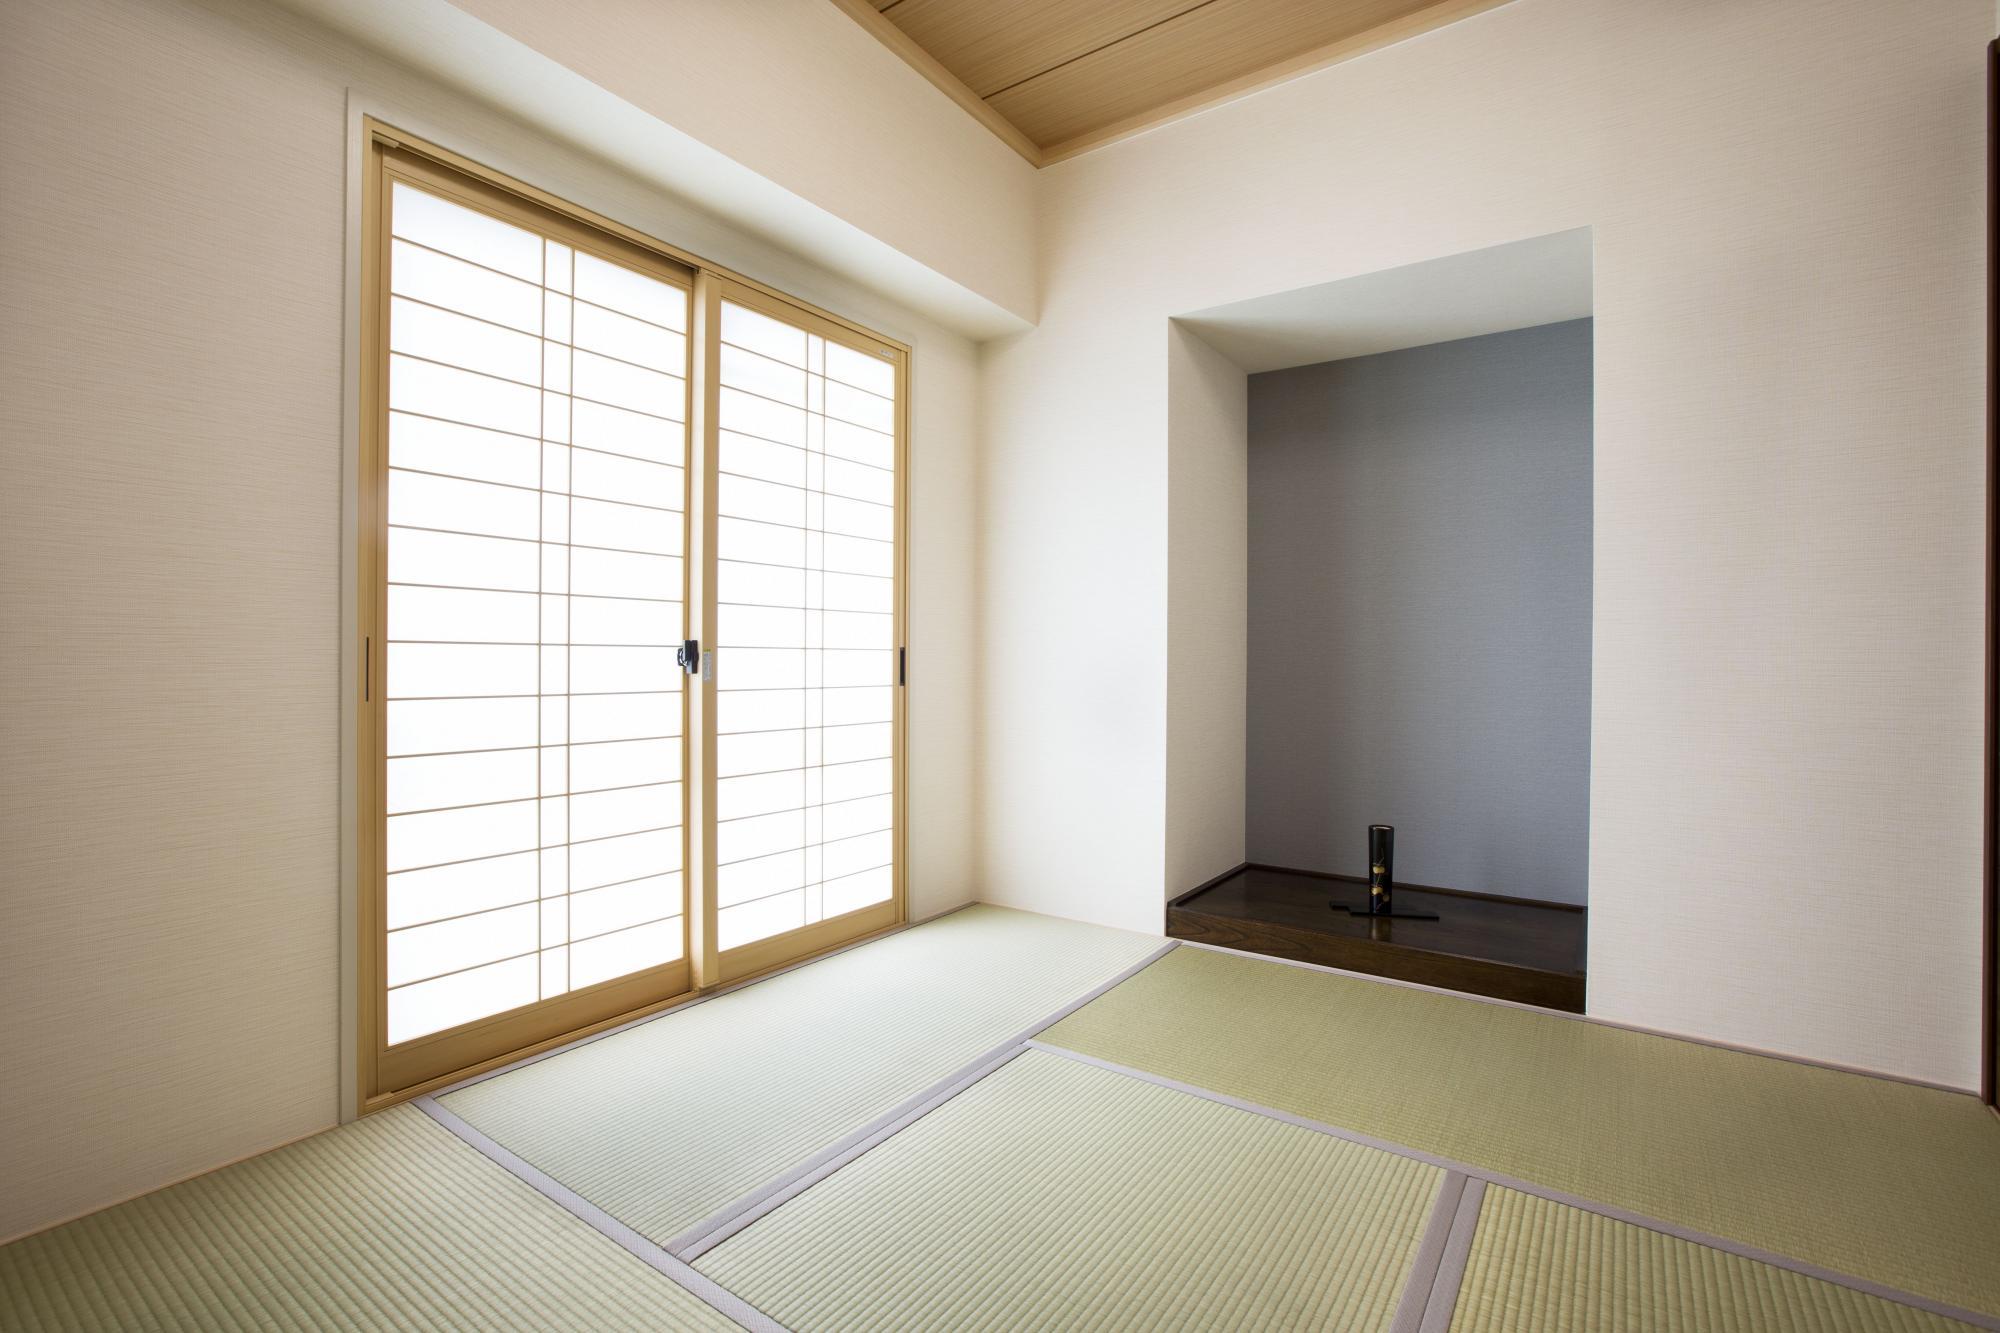 既存の洋室を4.5畳の和室に。クロゼットをなくして床の間風に仕上げた。障子タイプの内窓は気密性を上げ、結露も防いでいる。